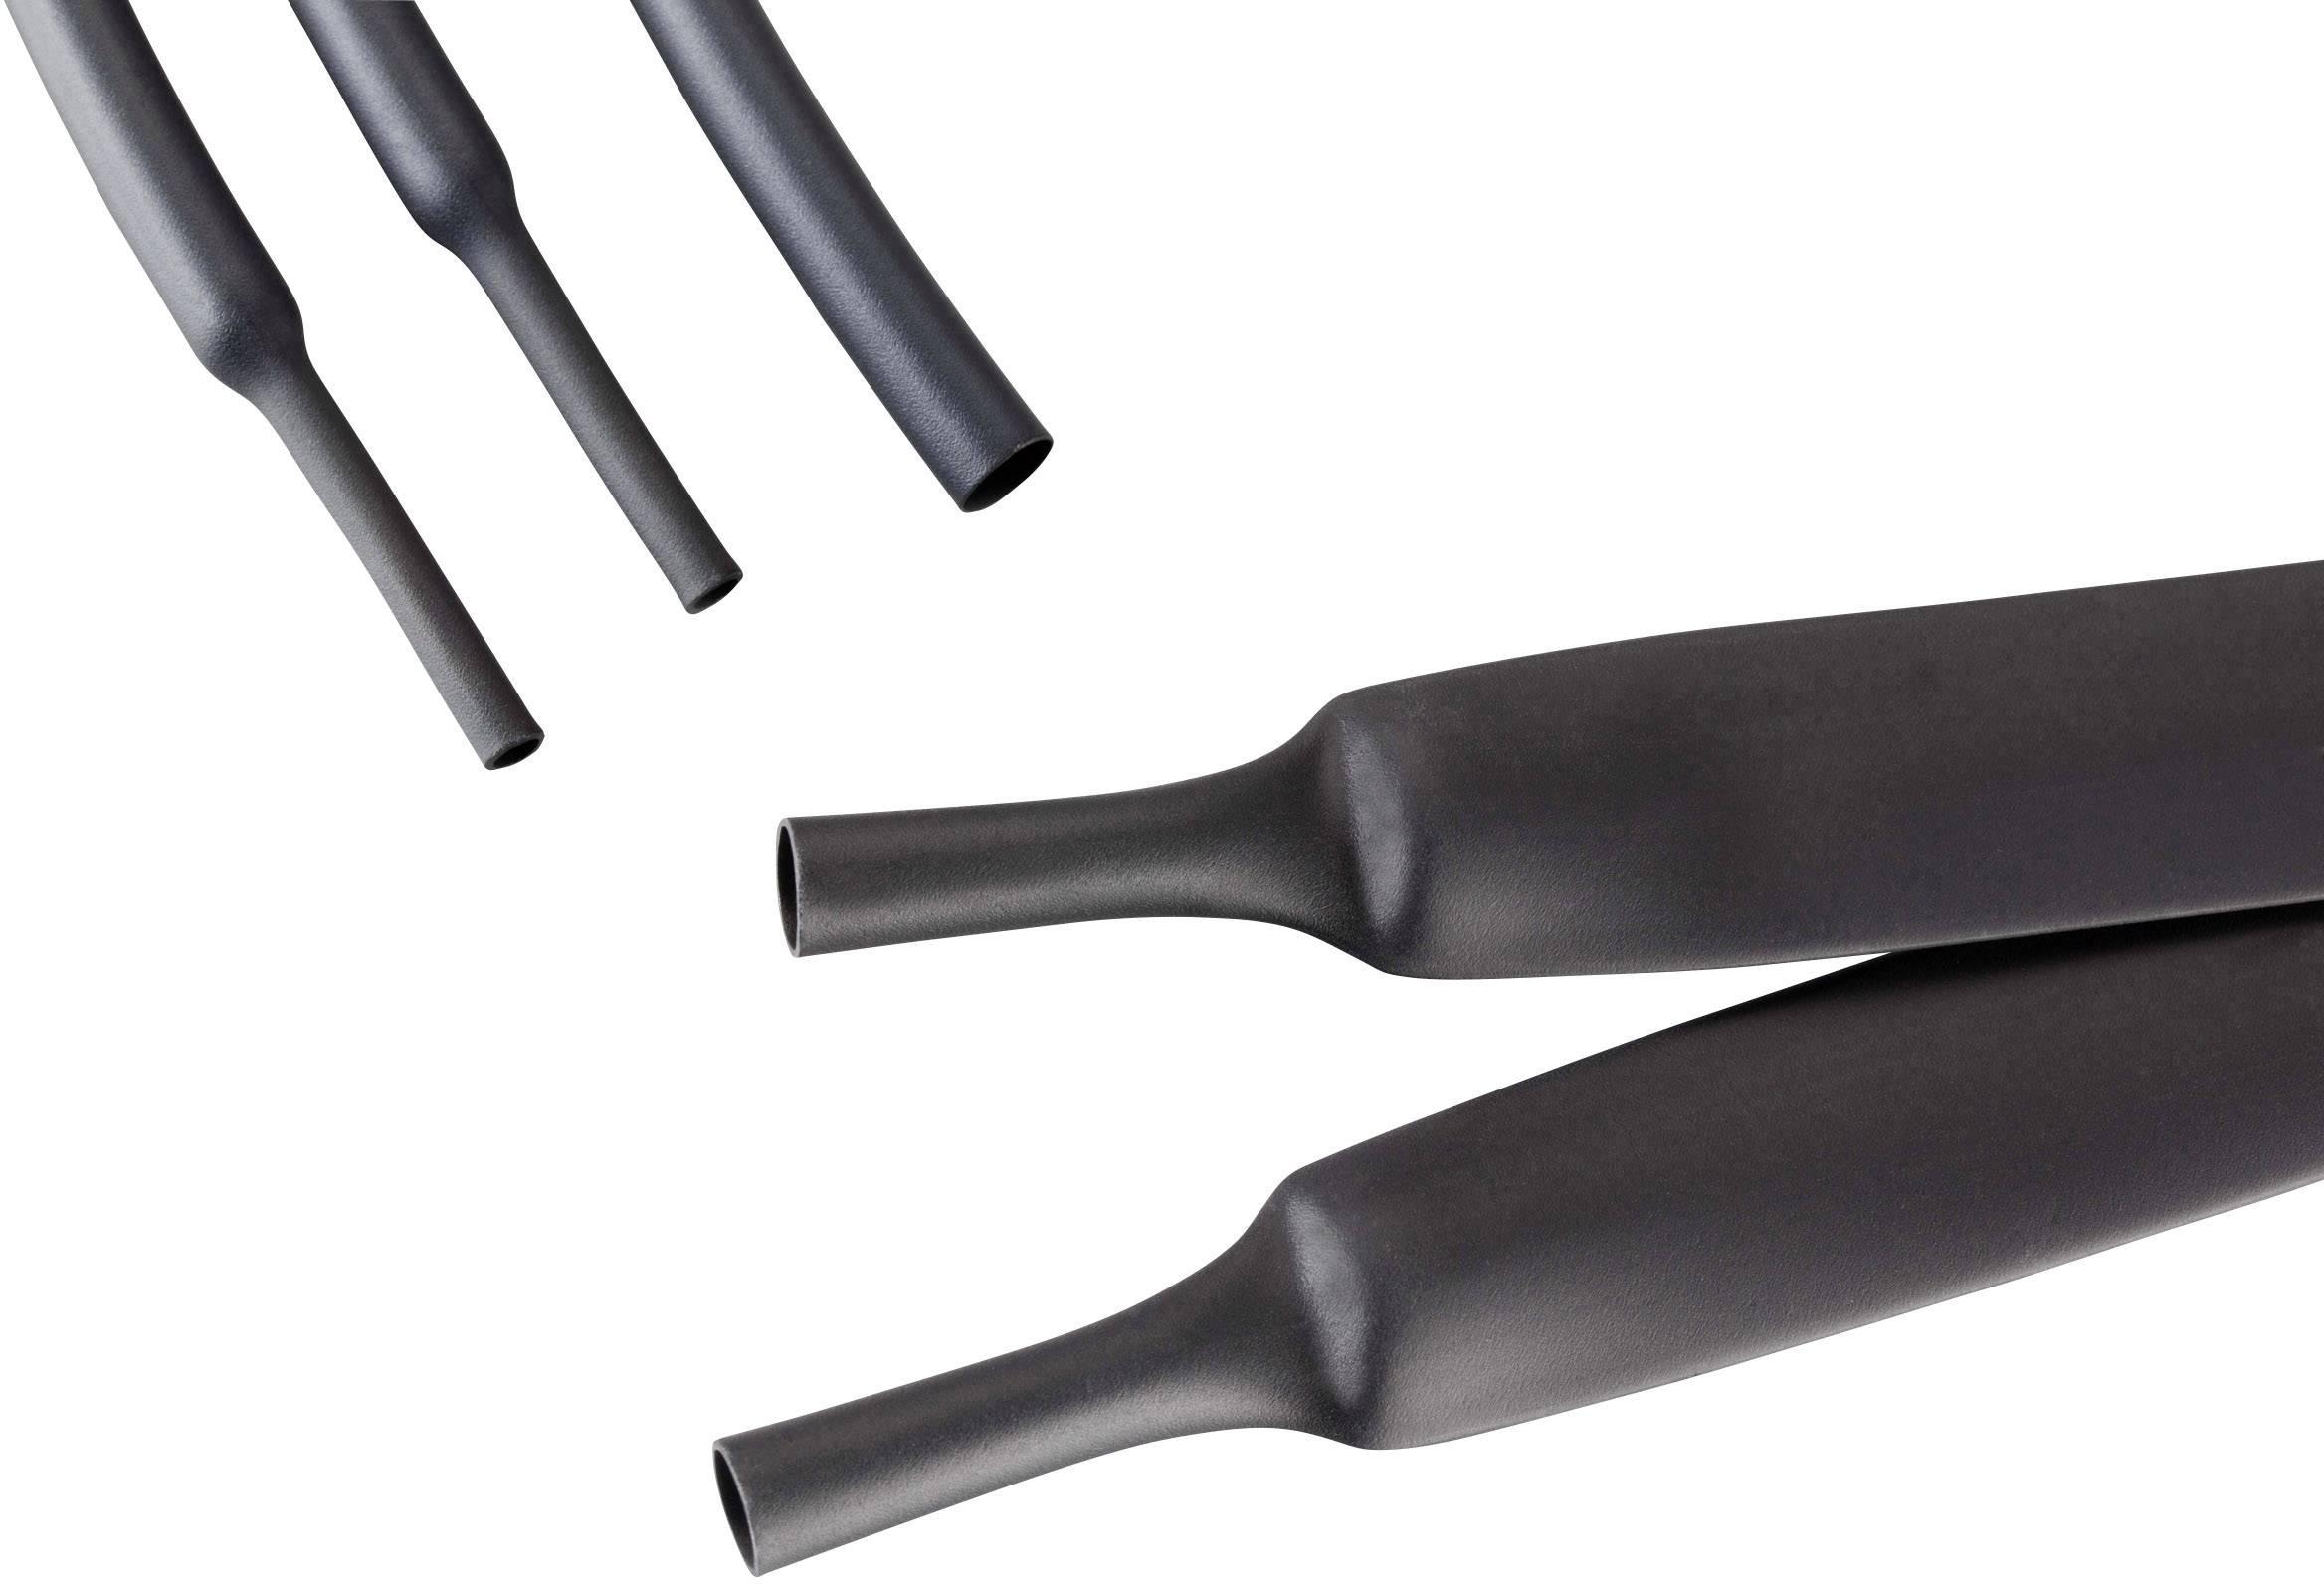 Bosch Falzfräser 6 mm 2608628449 D1 25,4 mm G 54 mm L 12,4 mm